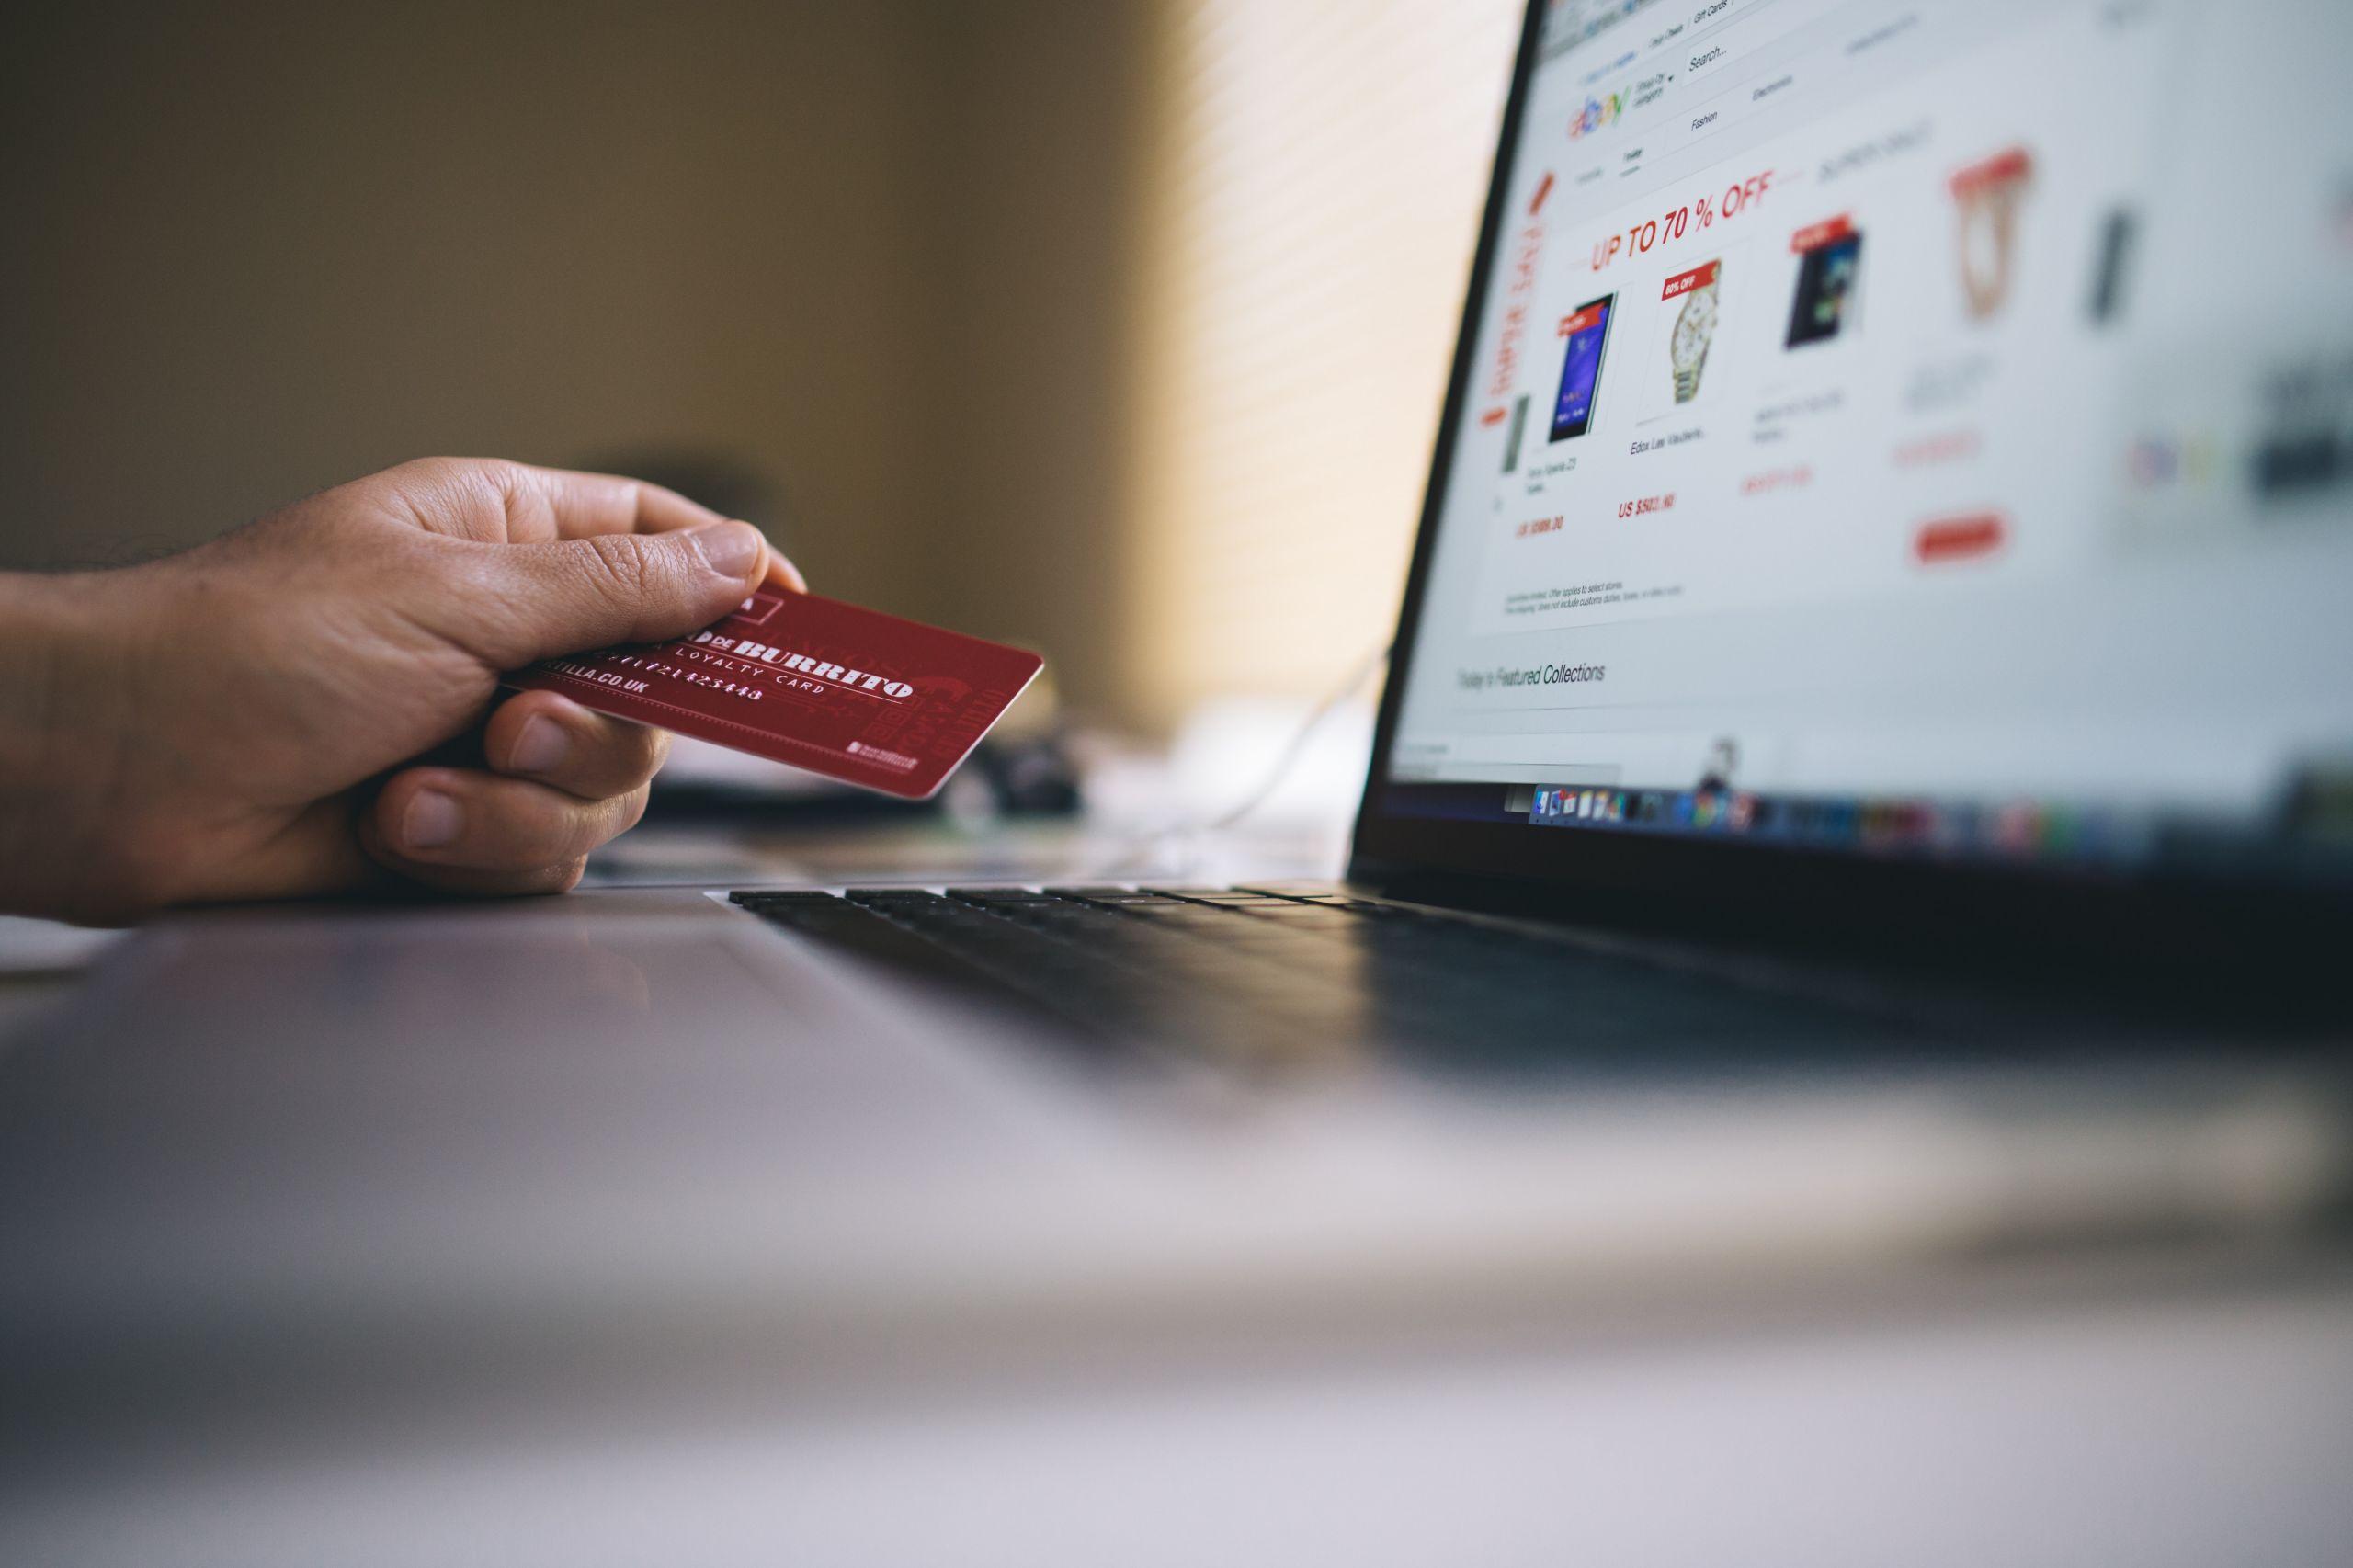 infinityweb-buy-eshop